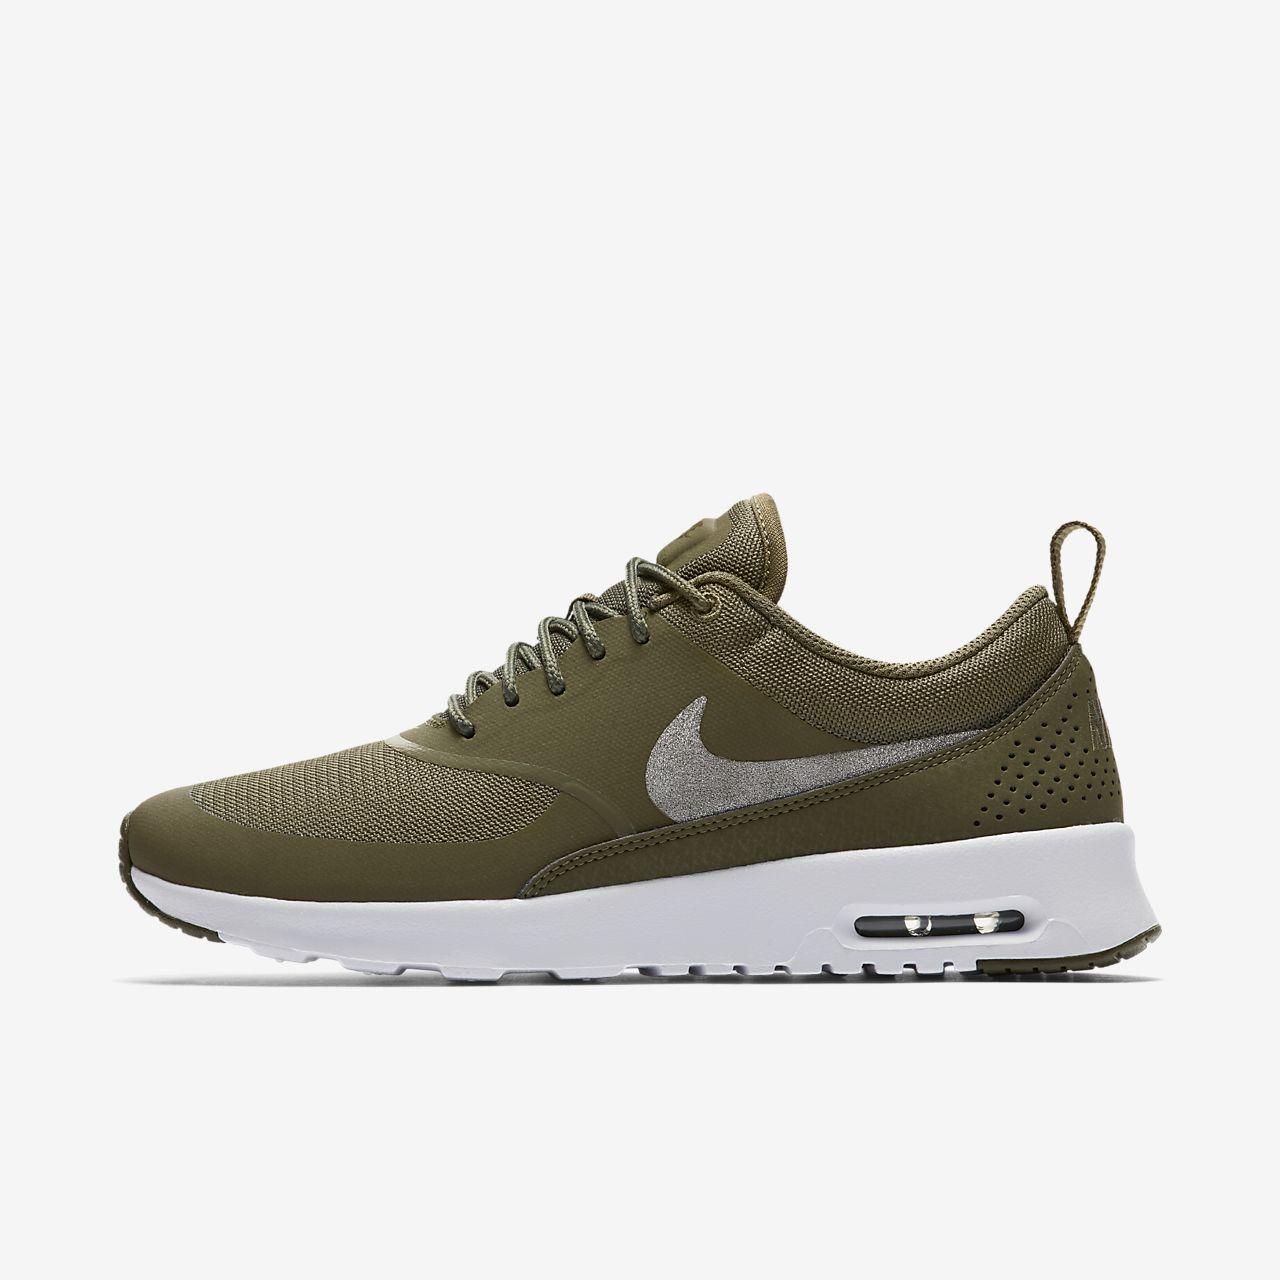 quality design 060d8 ed3a8 Nike Mujer Air Max Thea Premium Verde De Carbono Verde De Carbono Vela .